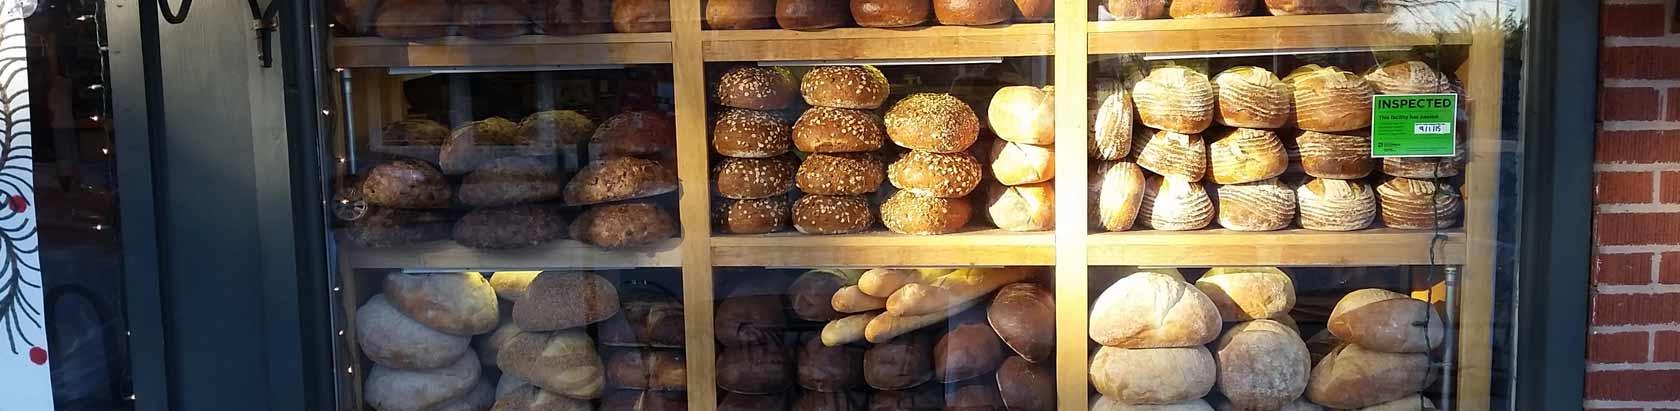 bread in Katzingers Delicatessen window